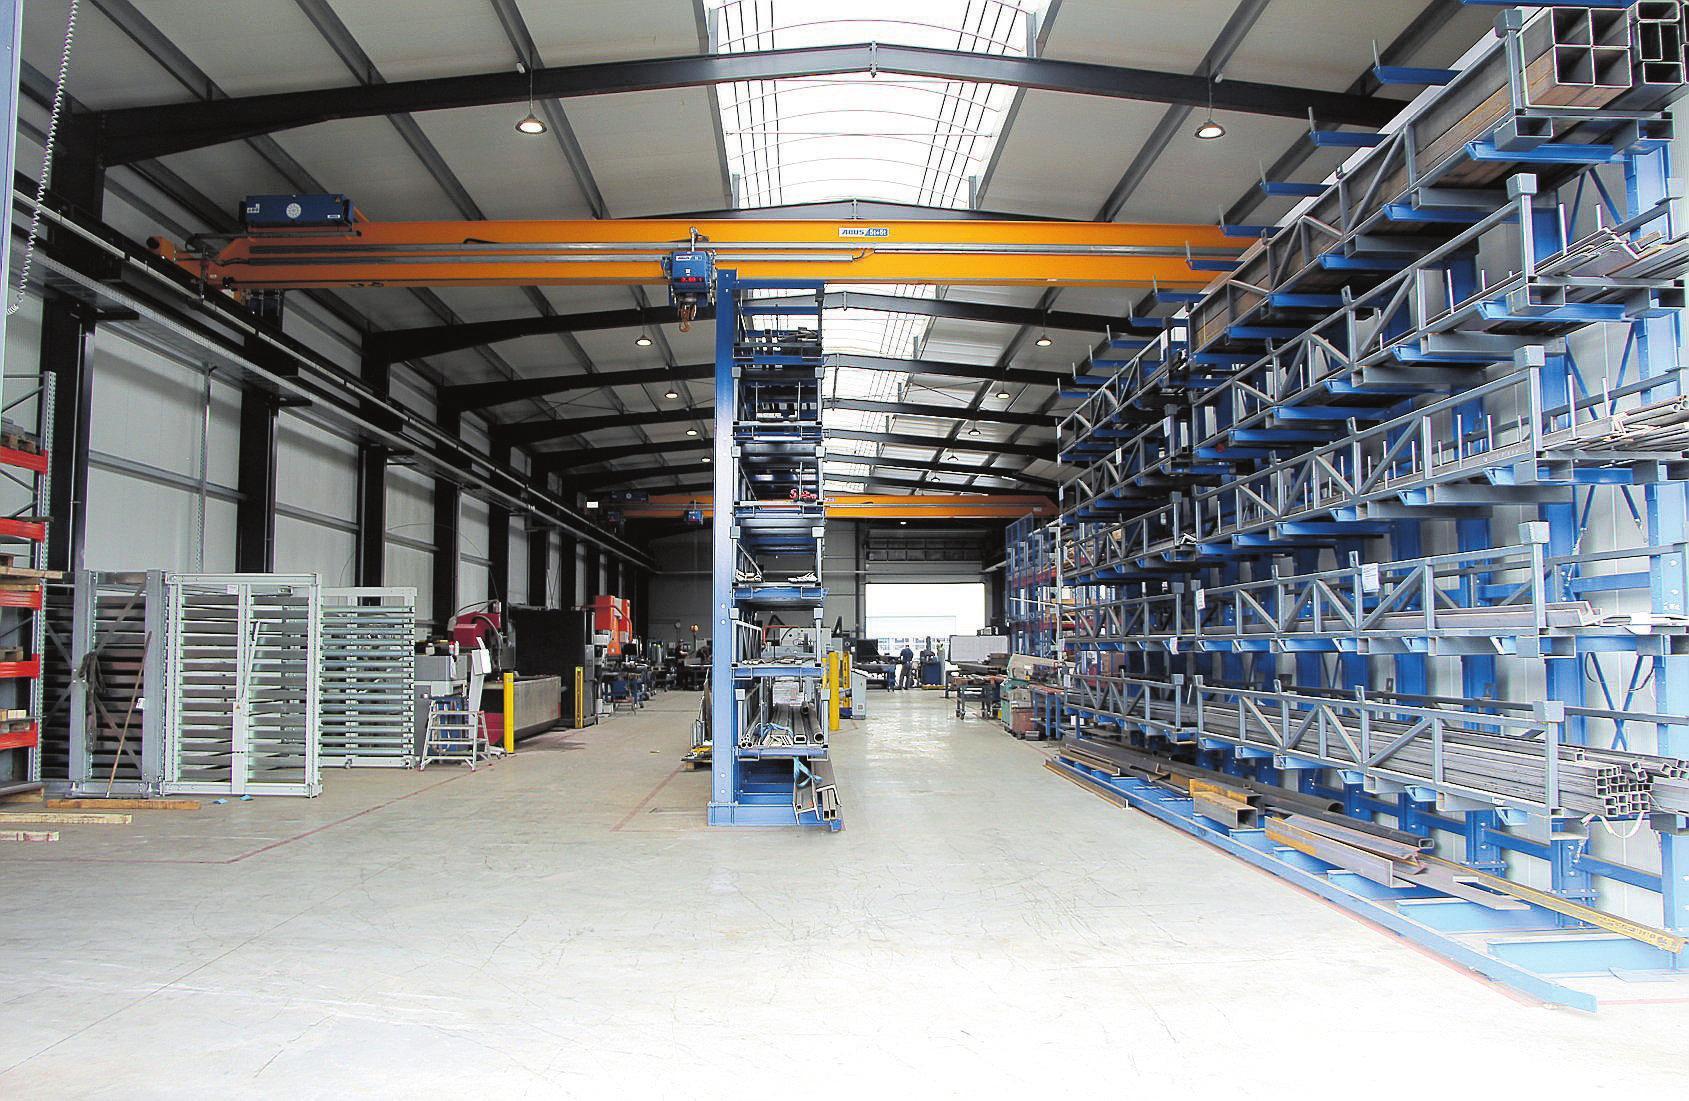 Die Produktionshalle ist so aufgebaut, dass jeder Arbeitsschritt sinnig ineinandergreift.